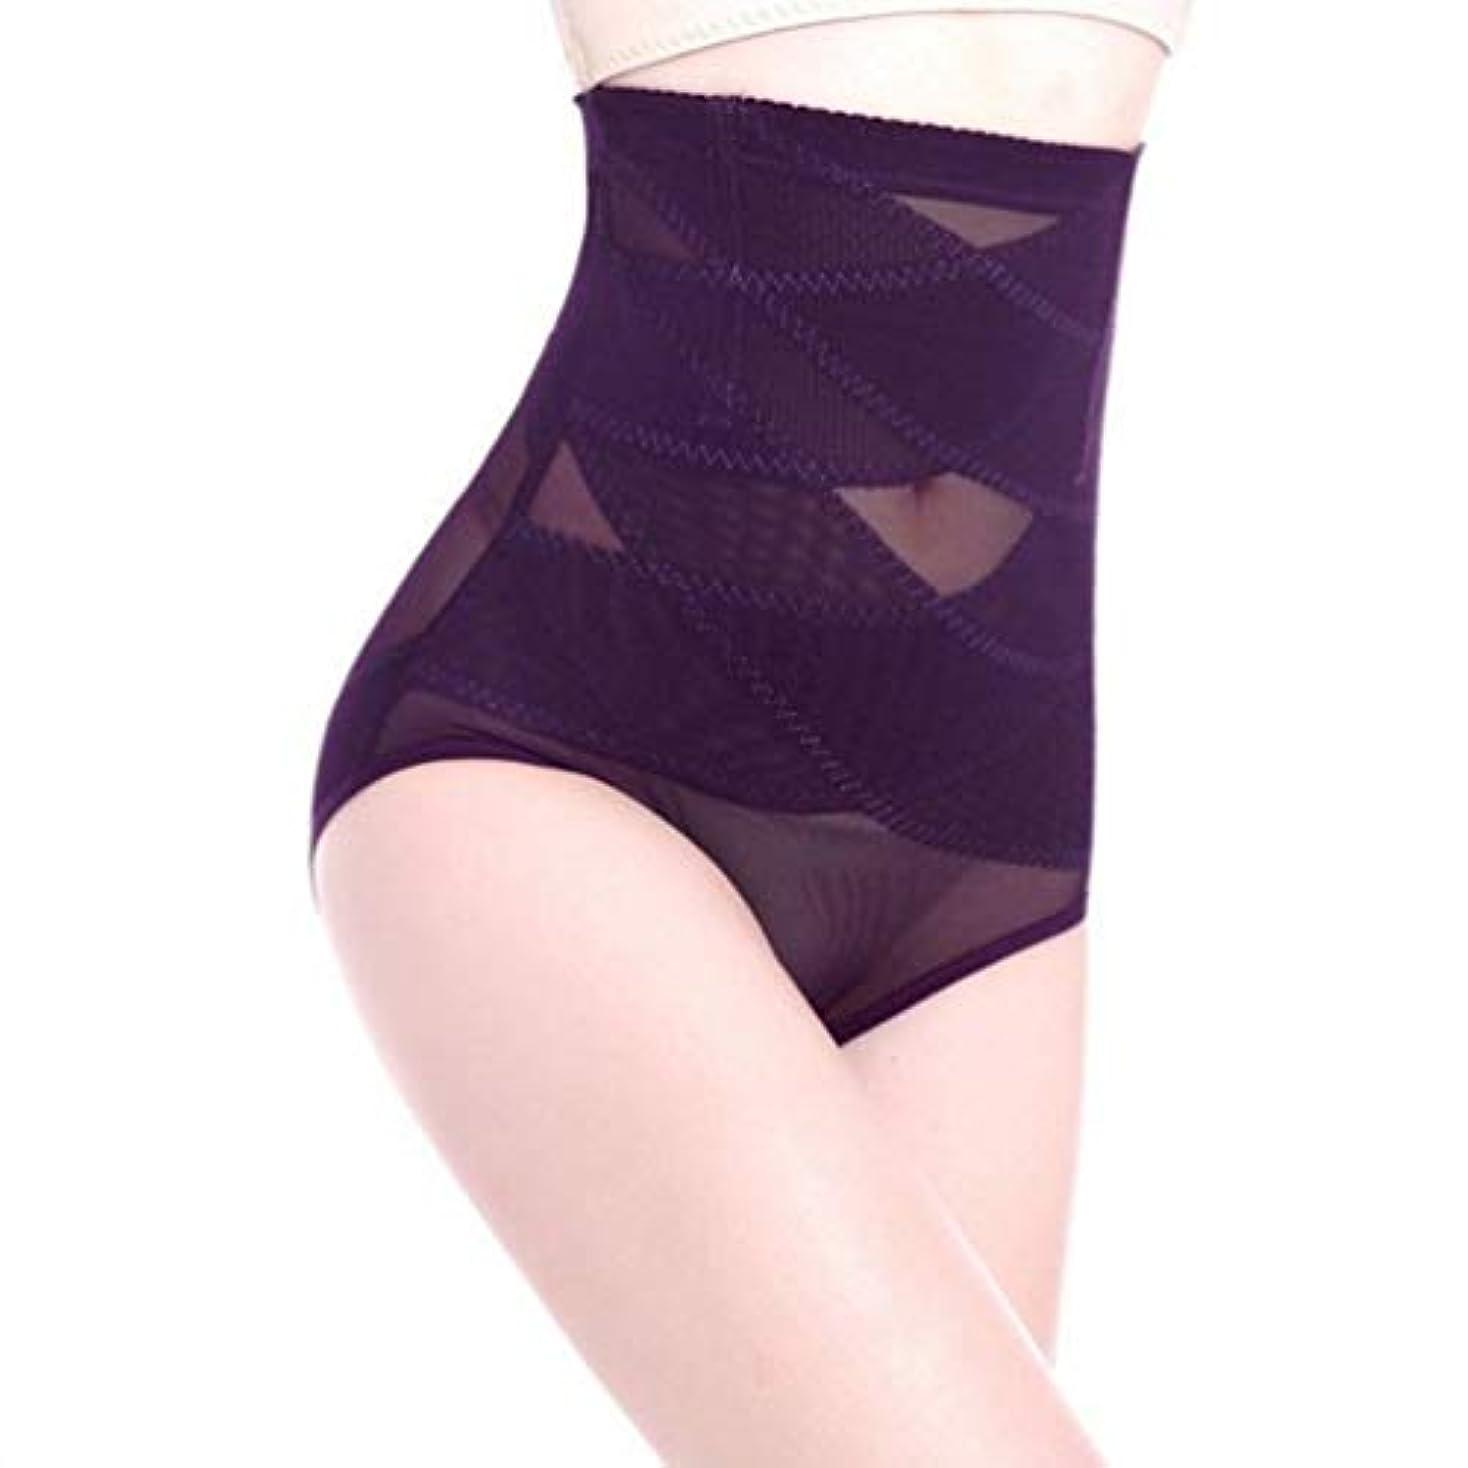 悲鳴文化ブロッサム通気性のあるハイウエスト女性痩身腹部コントロール下着シームレスおなかコントロールパンティーバットリフターボディシェイパー - パープル3 XL